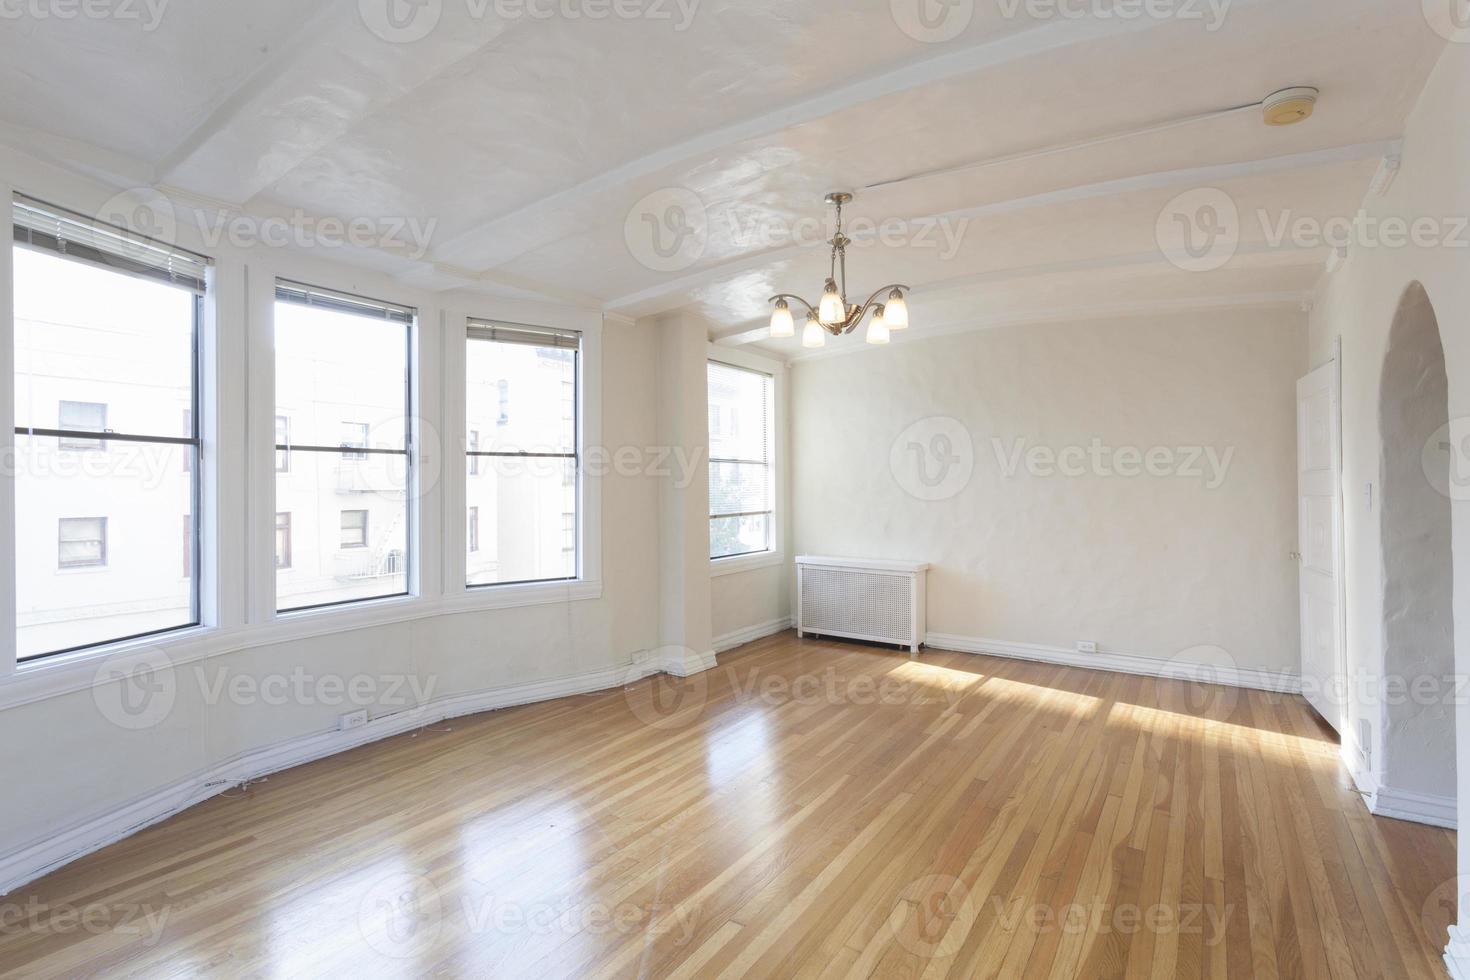 stanza dell'appartamento vuota e pulita. foto